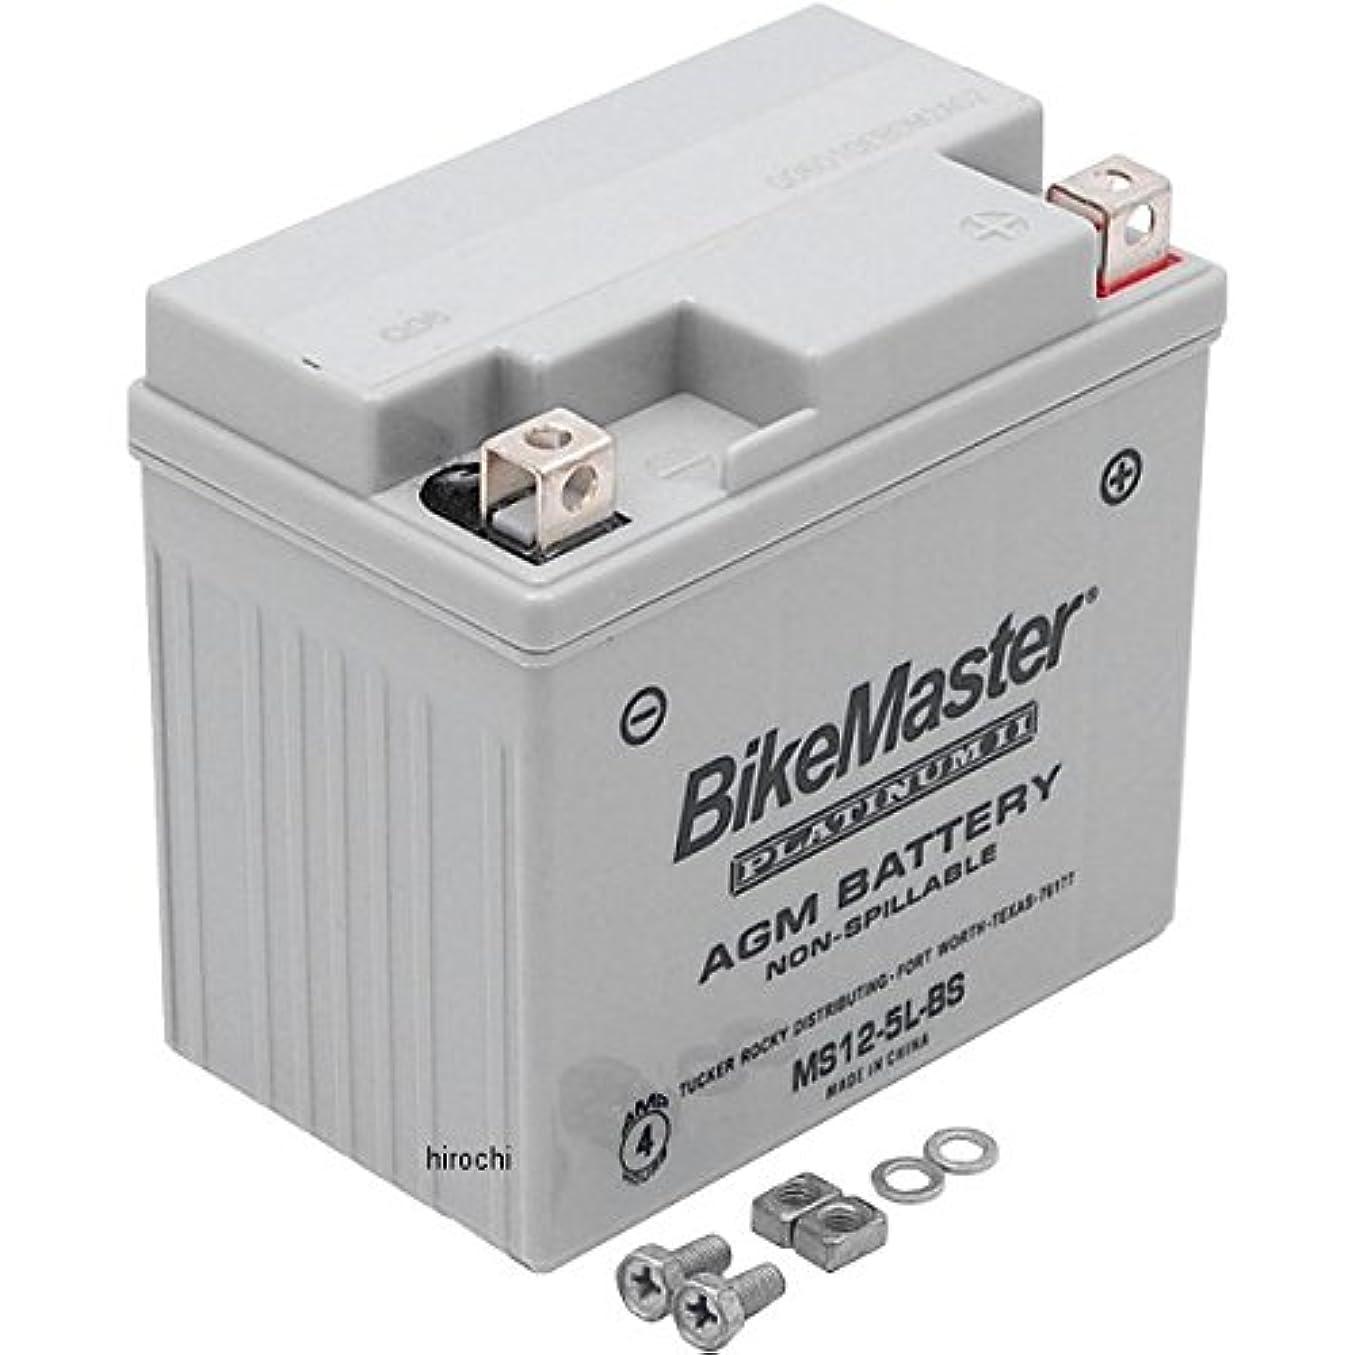 ピラミッドリズミカルなルネッサンスバイクマスター BikeMaster AGM バッテリー YTX5L-BS互換 780737 MS12-5L-BS